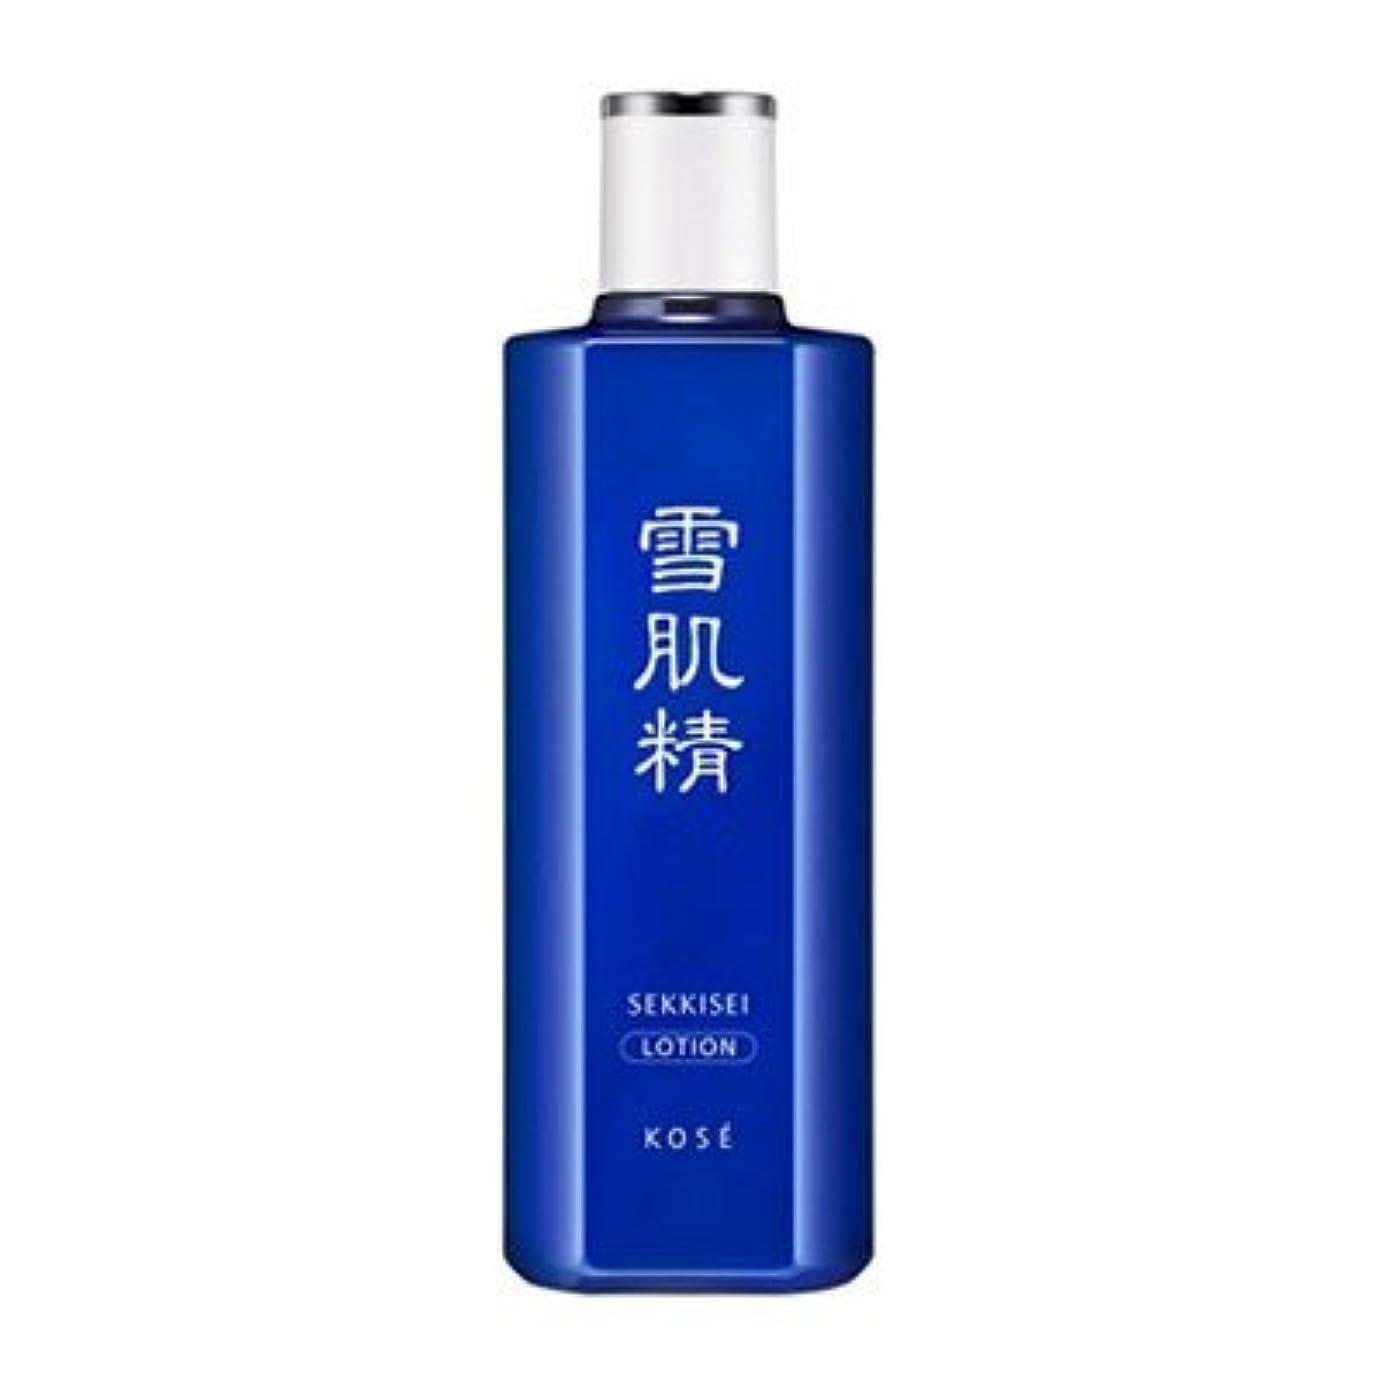 スラック不快なチャートKOSE コーセー 薬用 雪肌精 360ml [並行輸入品]